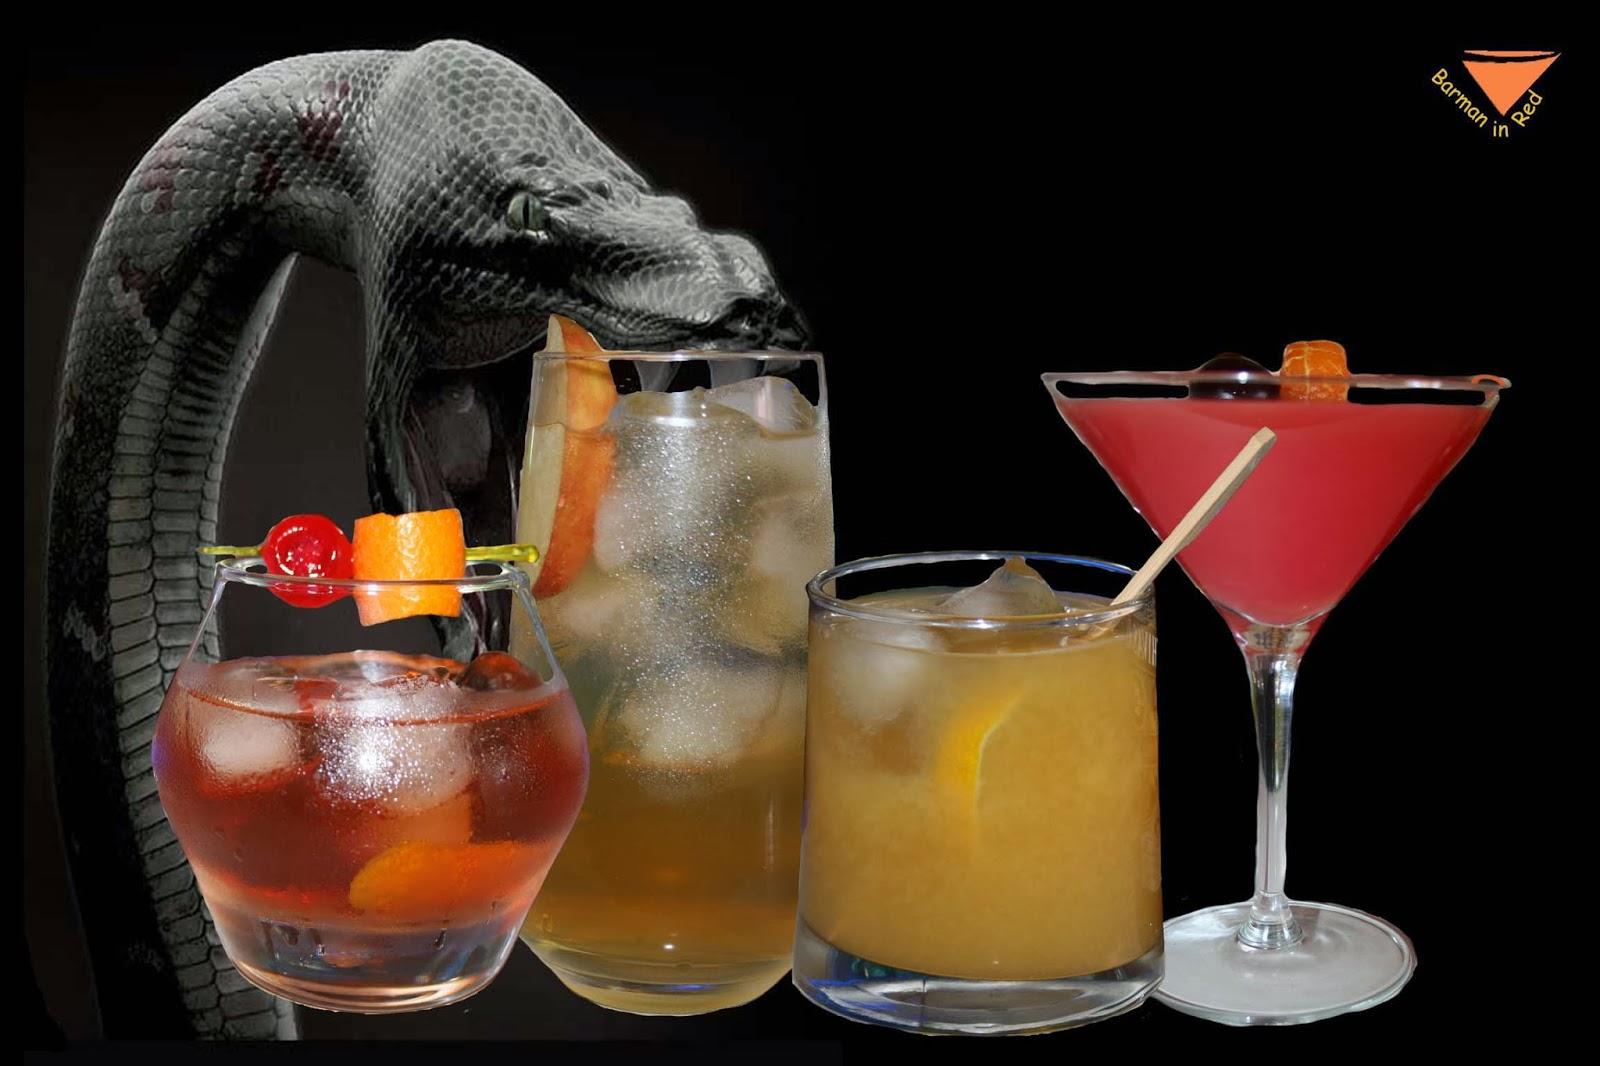 10 mejores recetas de cocteles con whisky 2013 for Cocktail whisky miel